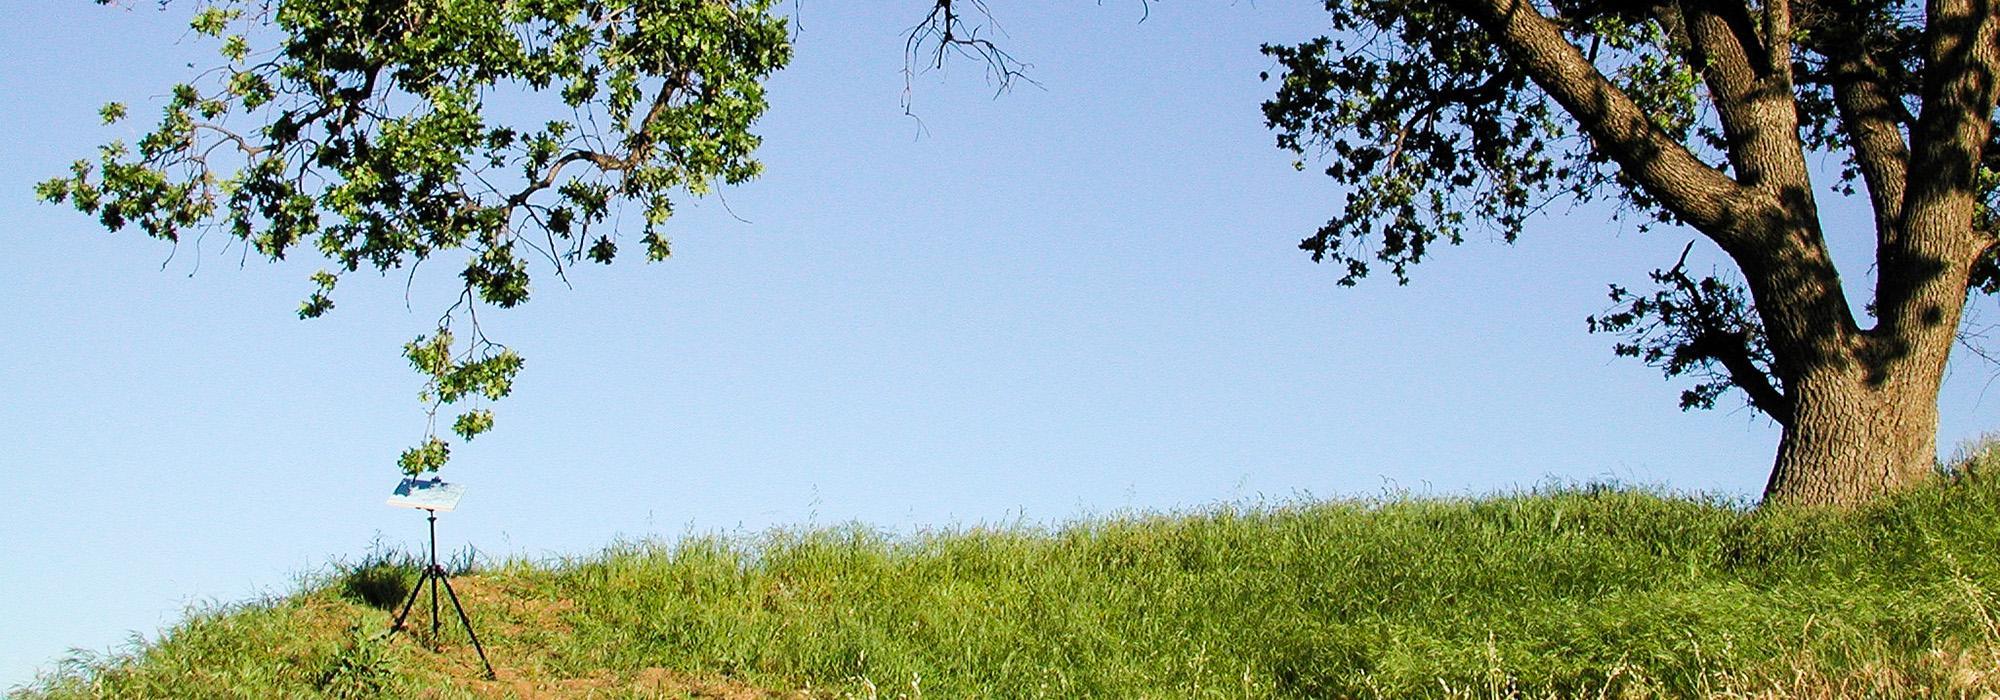 Pickett-Pat_hero_Valley Oak_Newhall Pass-CA_2003.jpg